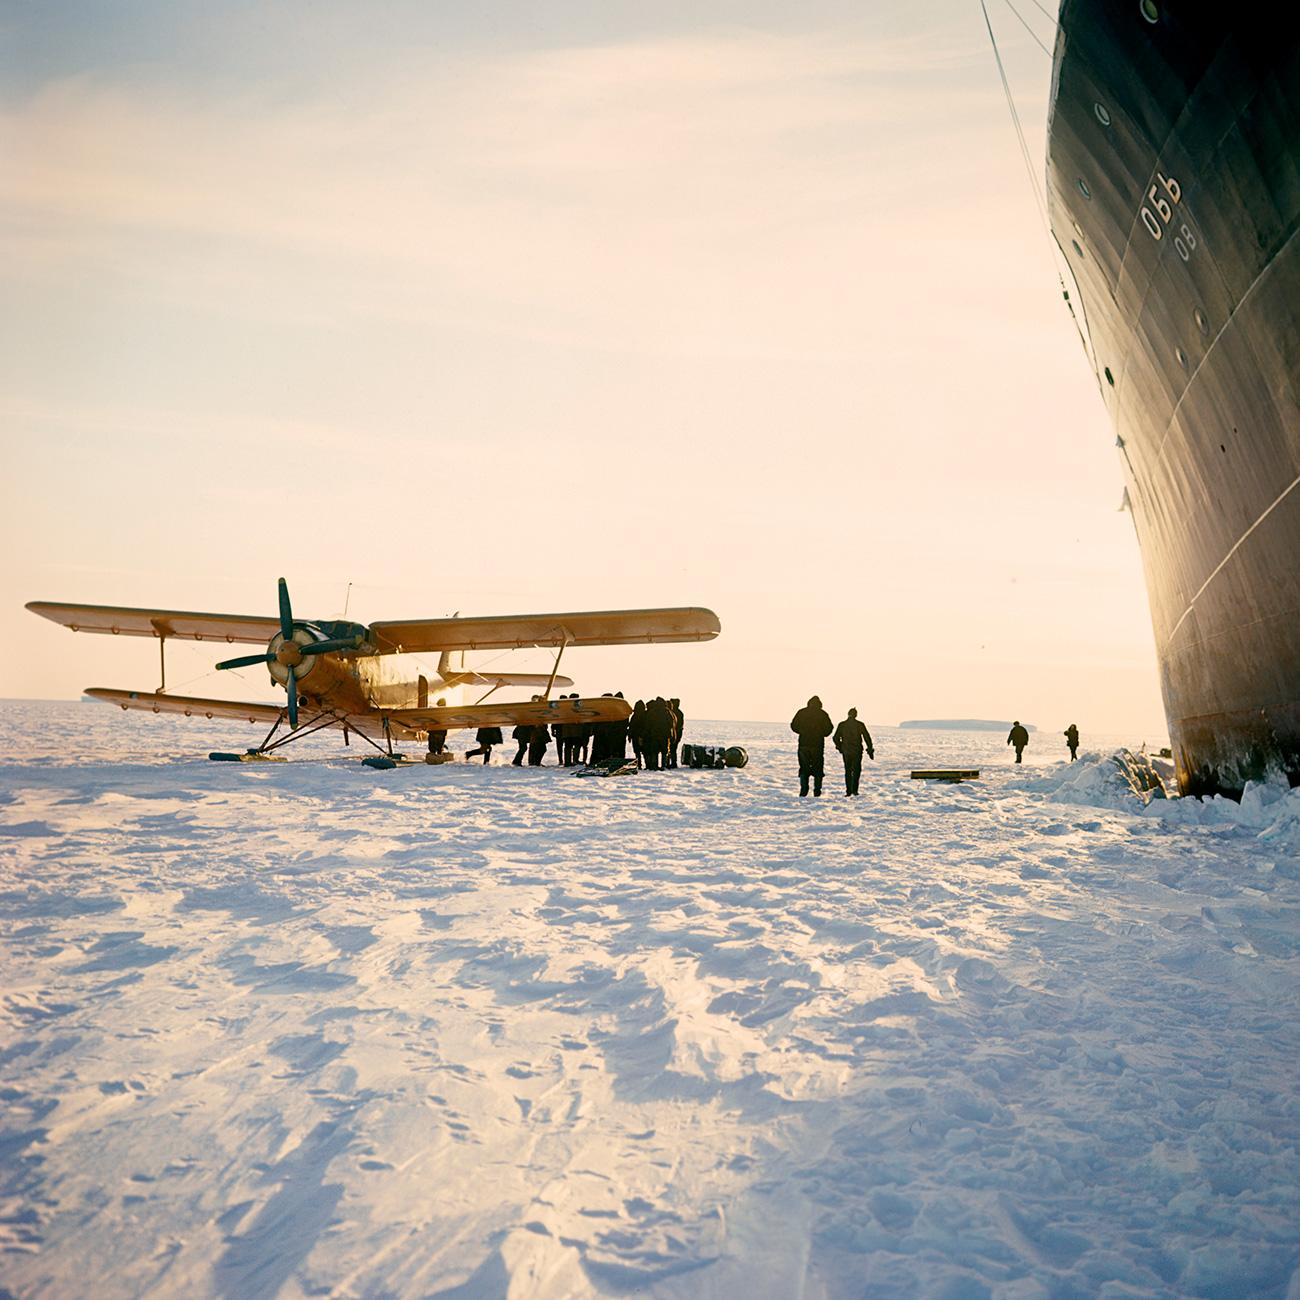 An-6、南極観測基地、1967年=G. コポソフ/ロシア通信